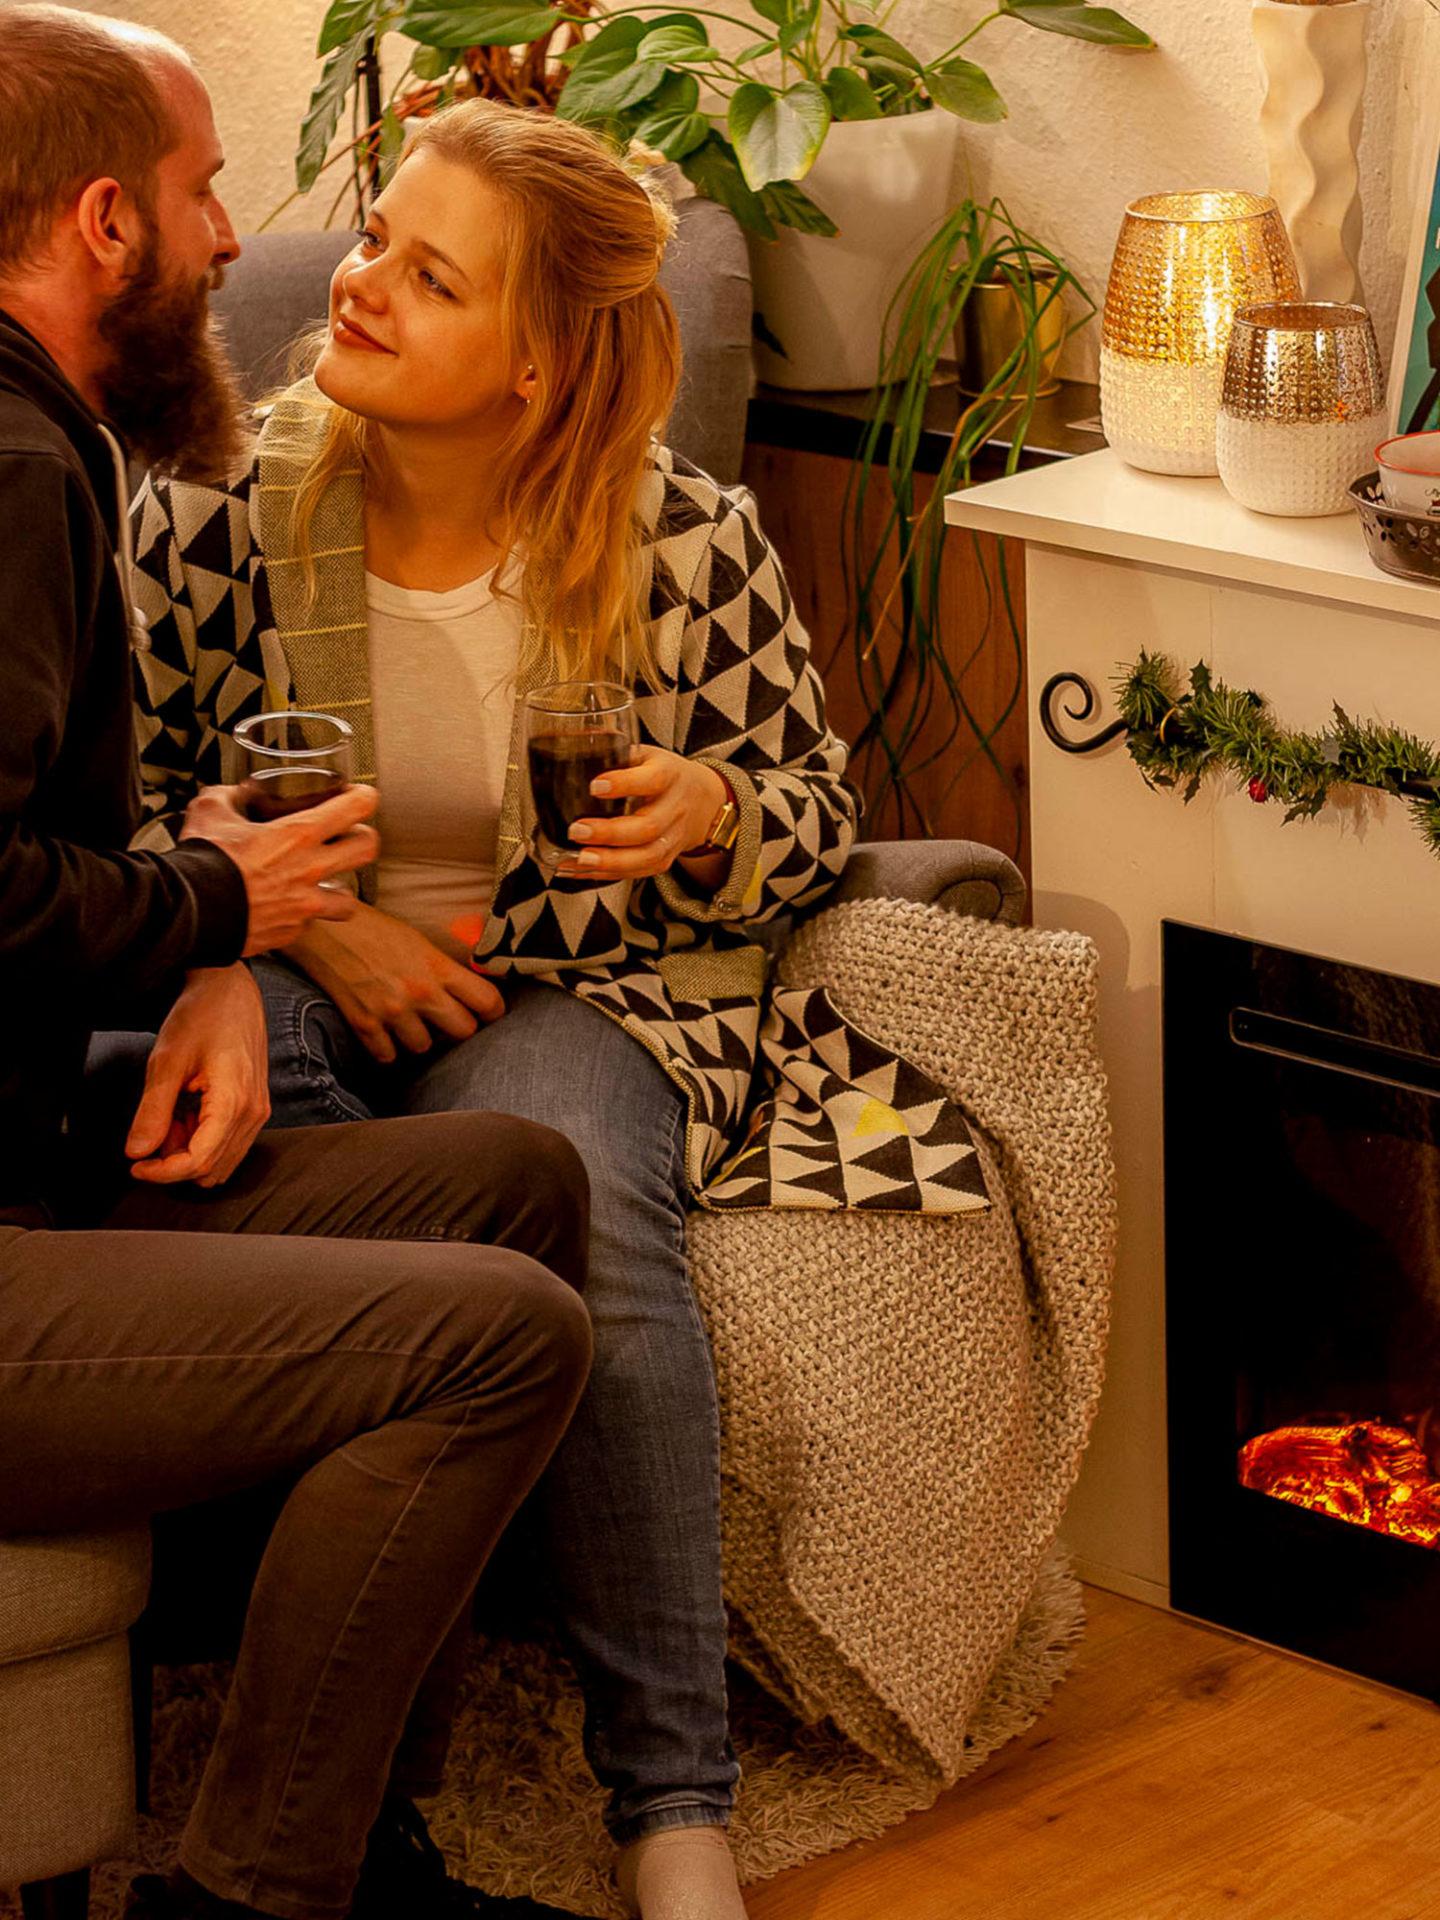 Romantische Winterabende ohne Ruß, Brandgeruch und Schmutz, nachhaltiger als durch das Verbrennen von Holz? Das geht! Ein Elektrokamin bringt Gemütlichkeit!